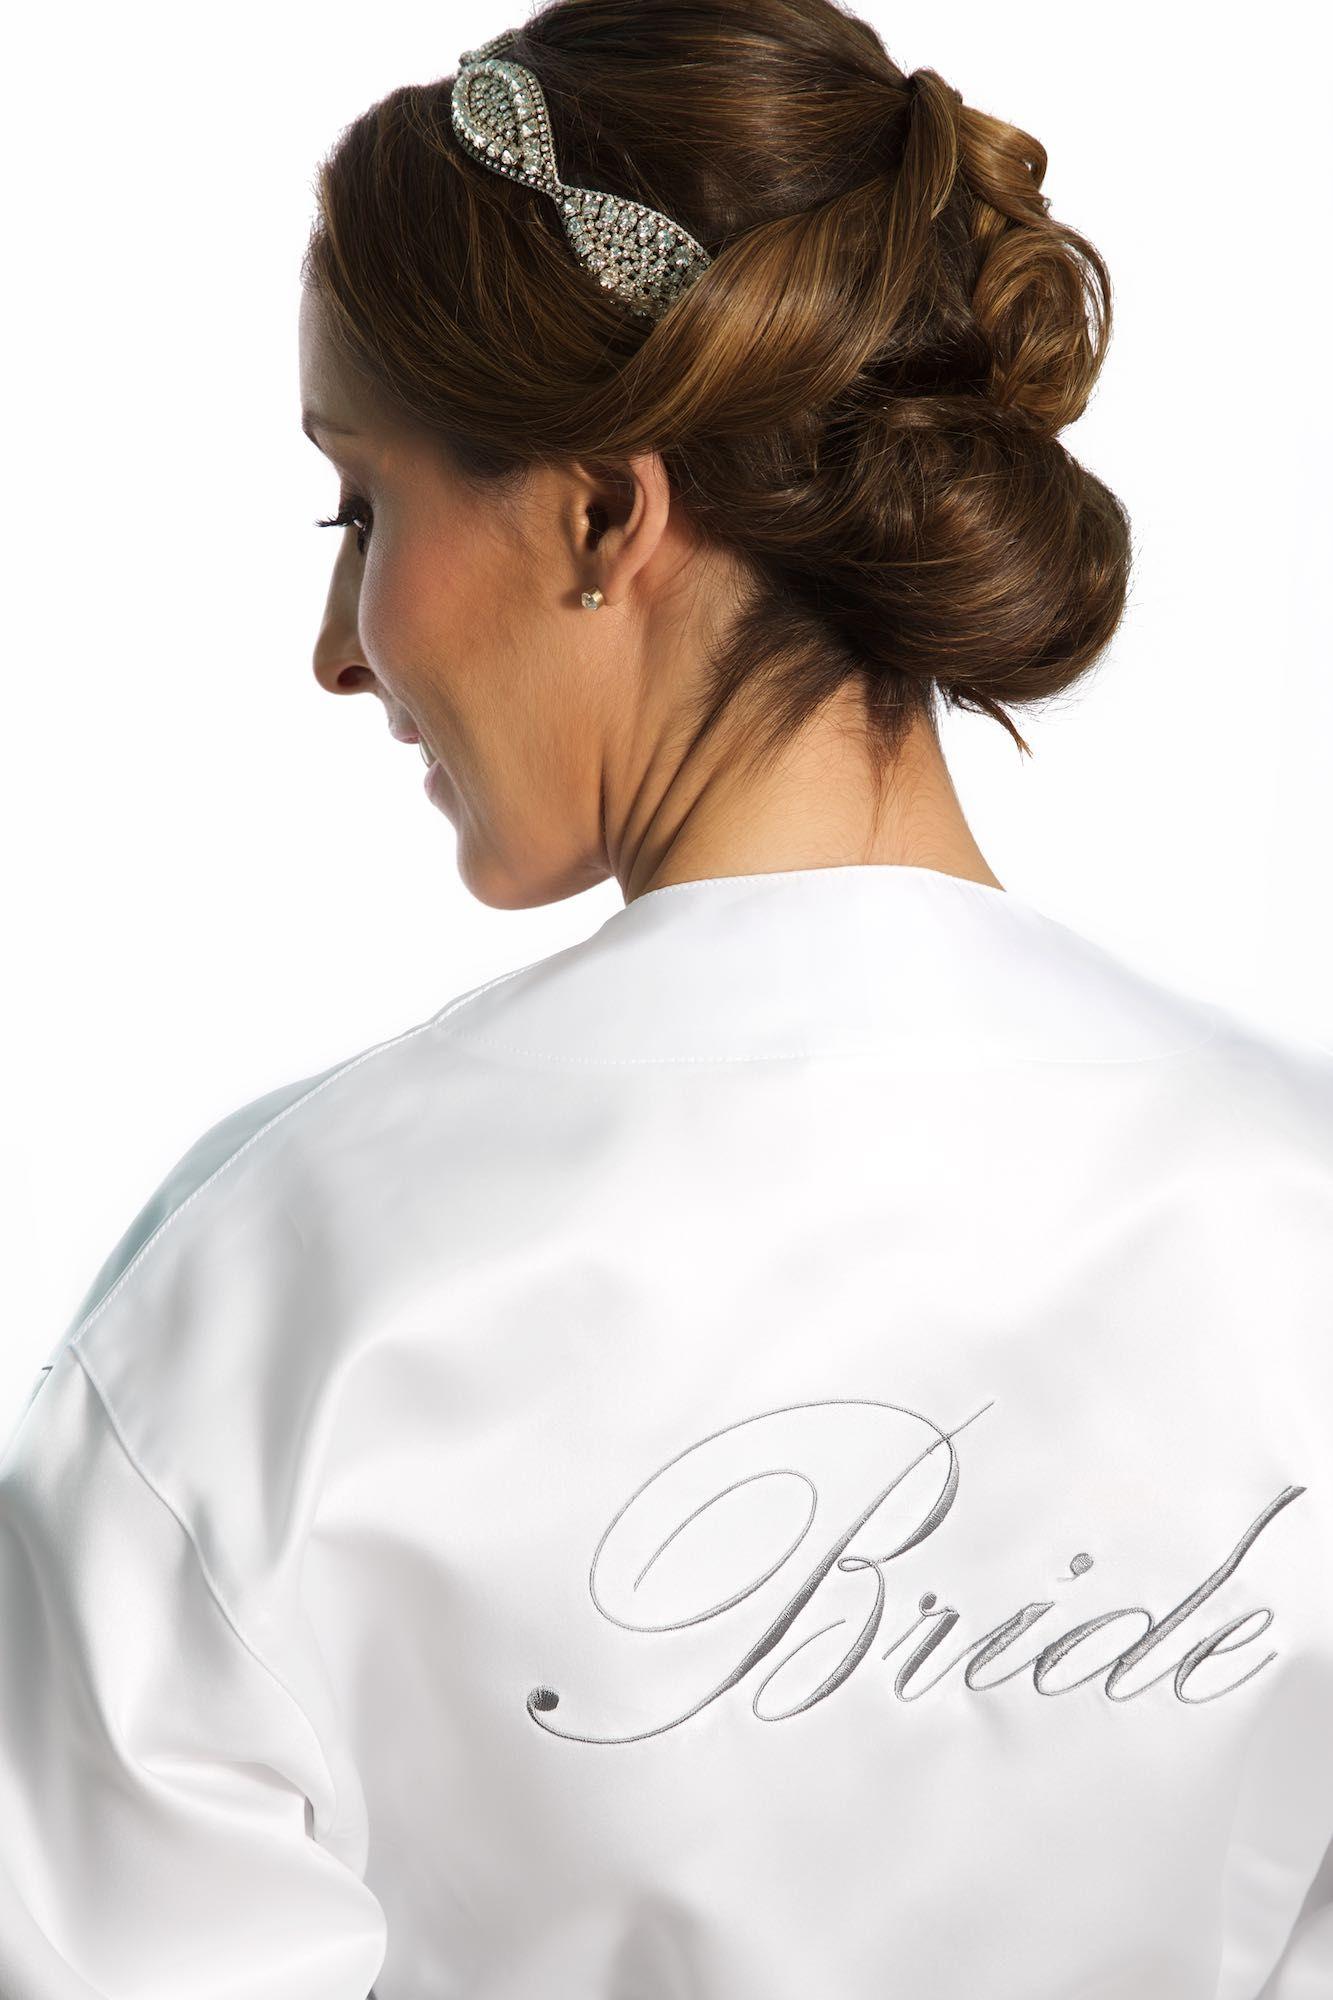 Batas para novia Darling Bride hacemos envíos a todo México y el extranjero a través de nuestra tienda en línea #bodas #BatasNovia #ArregloNovia https://www.kichink.com/stores/darlingbride